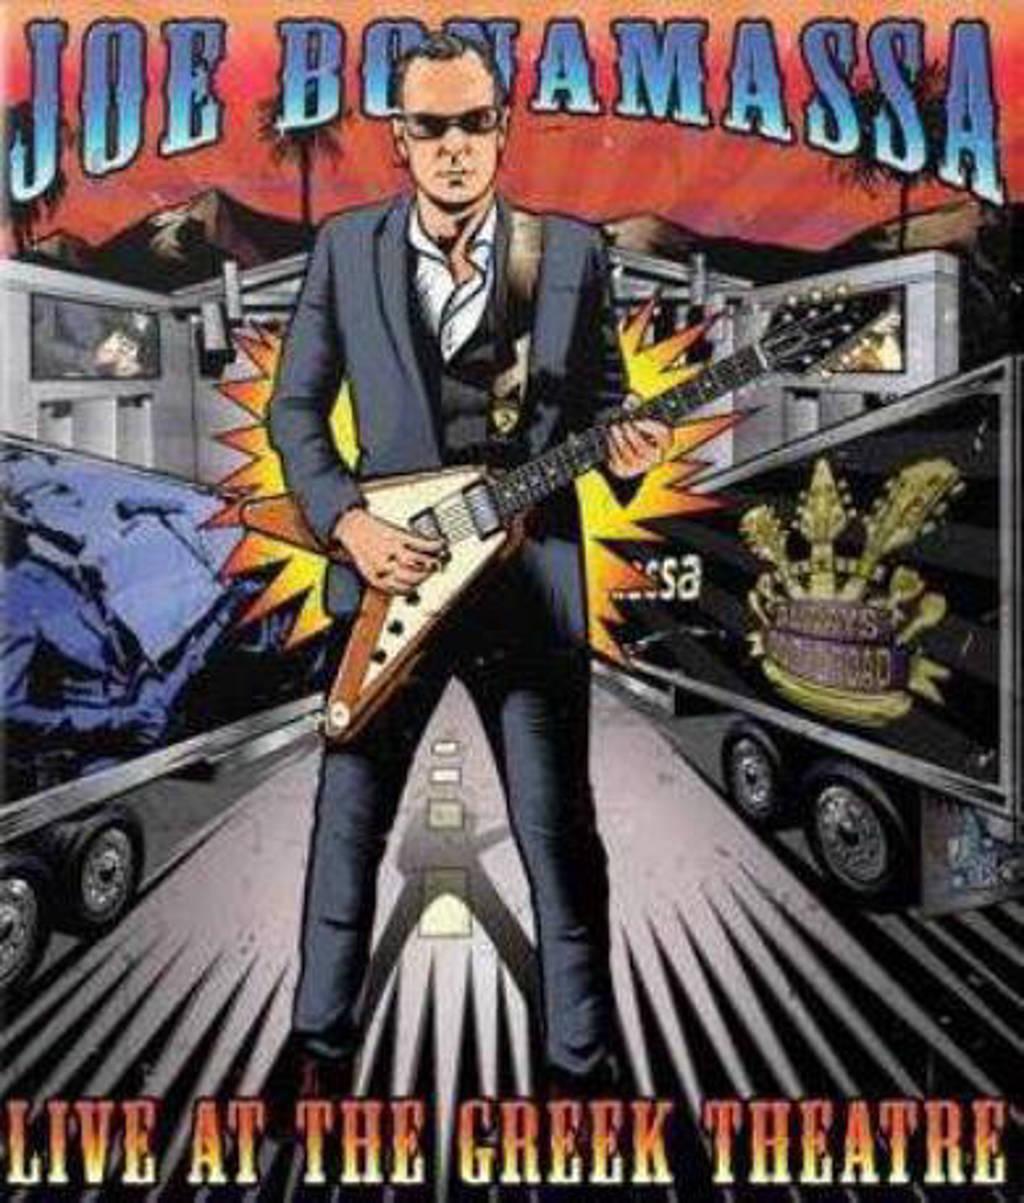 Joe Bonamassa - Live at the Greek theatre (Blu-ray)